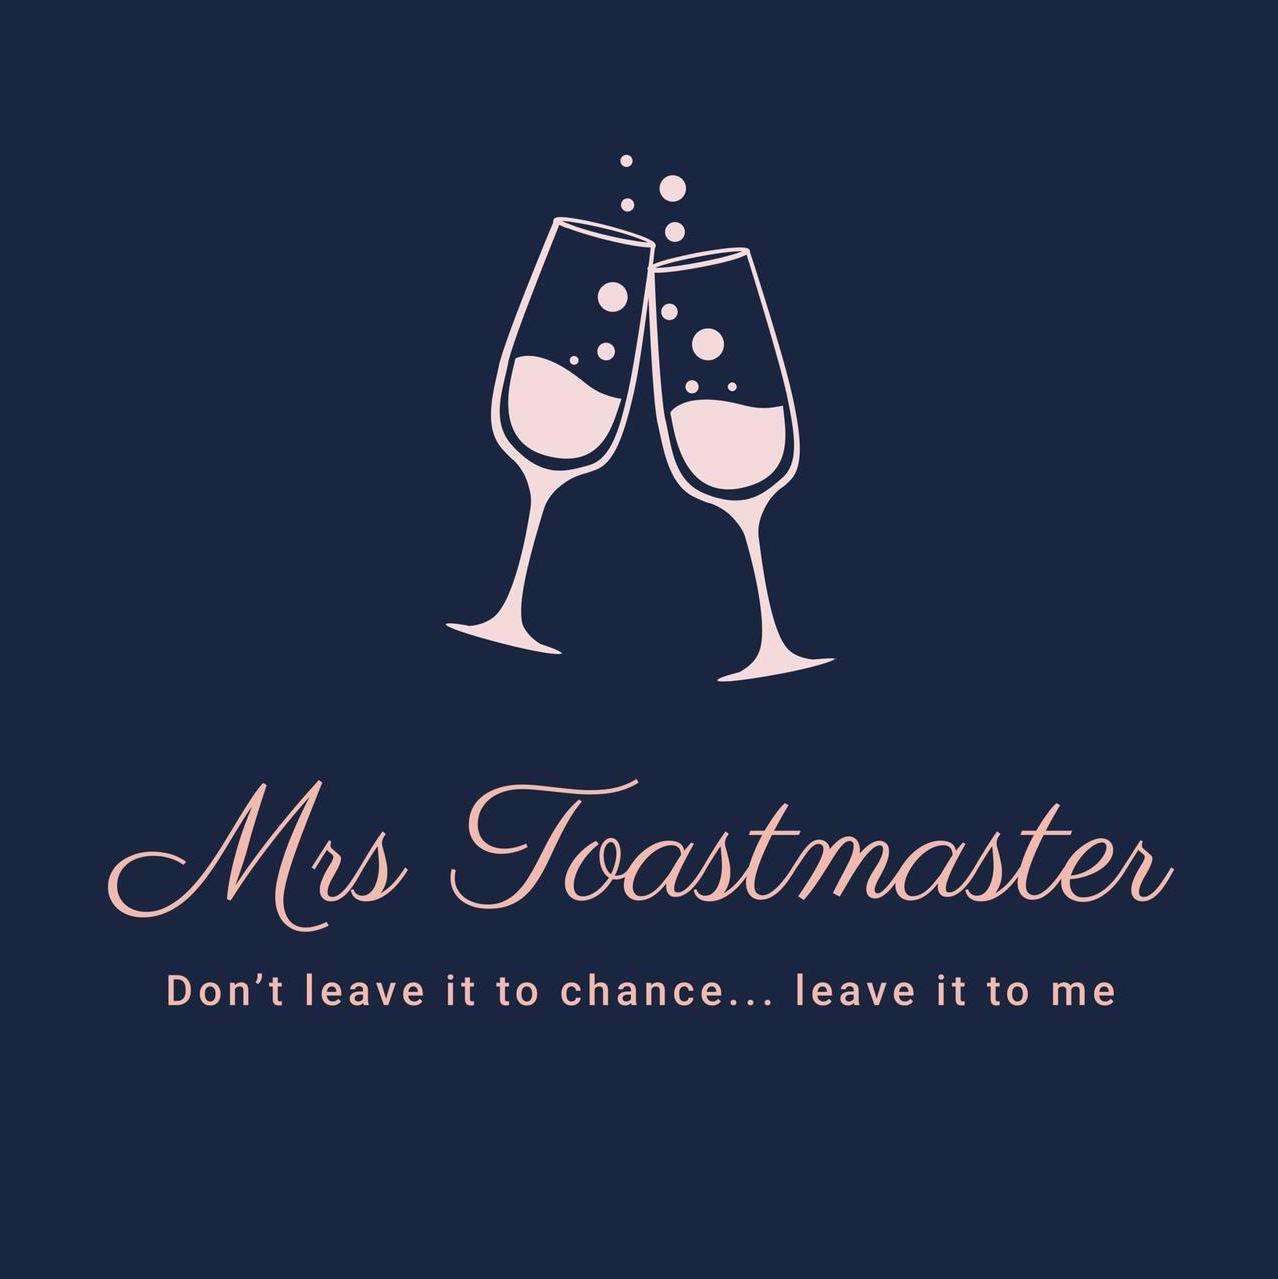 Mrs-Toastmaster